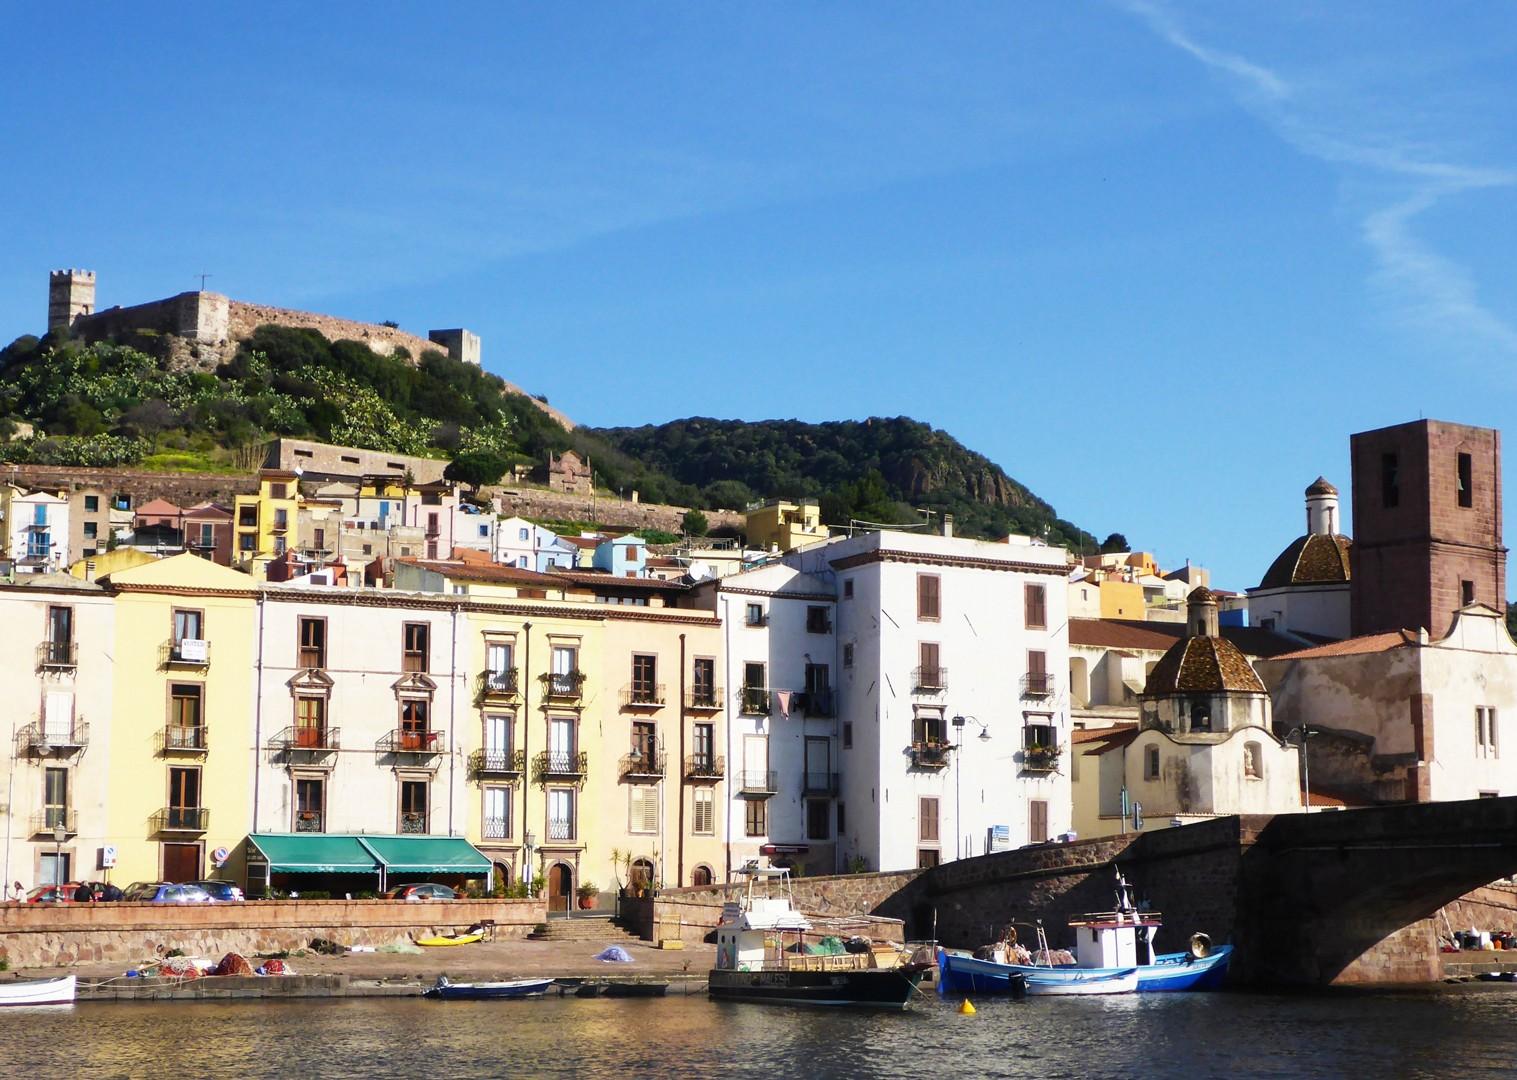 oristano-sardinia-leisure-cycling-holiday.jpg - Italy - Sardinia - West Coast Wonders - Self-Guided Leisure Cycling Holiday - Italia Leisure and Family Cycling